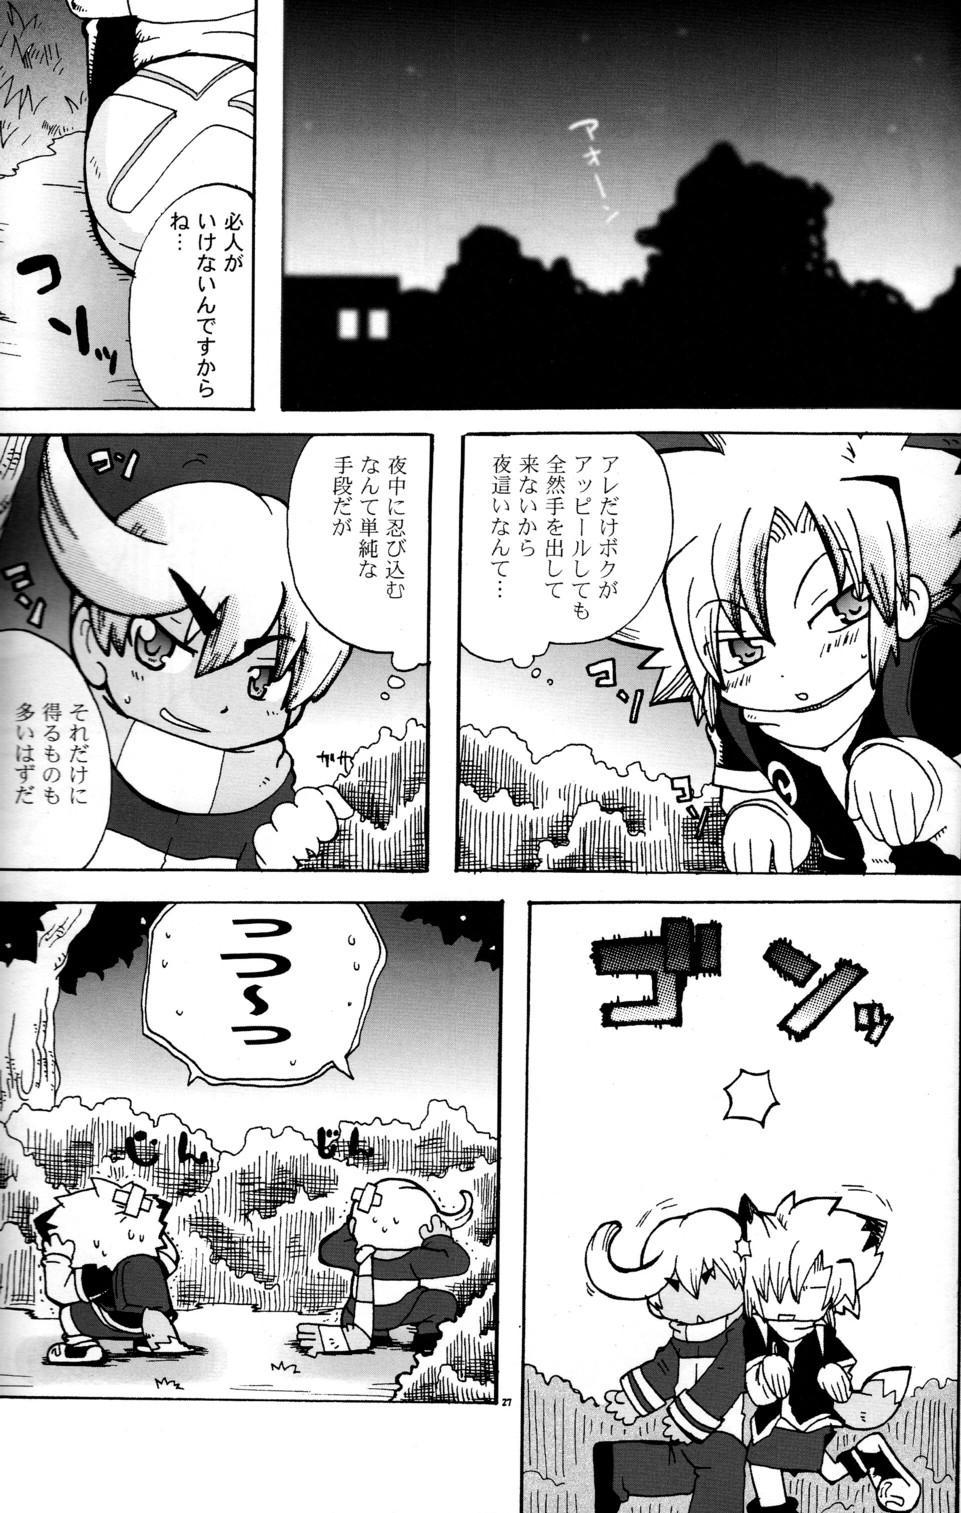 Baka no Shojo 24